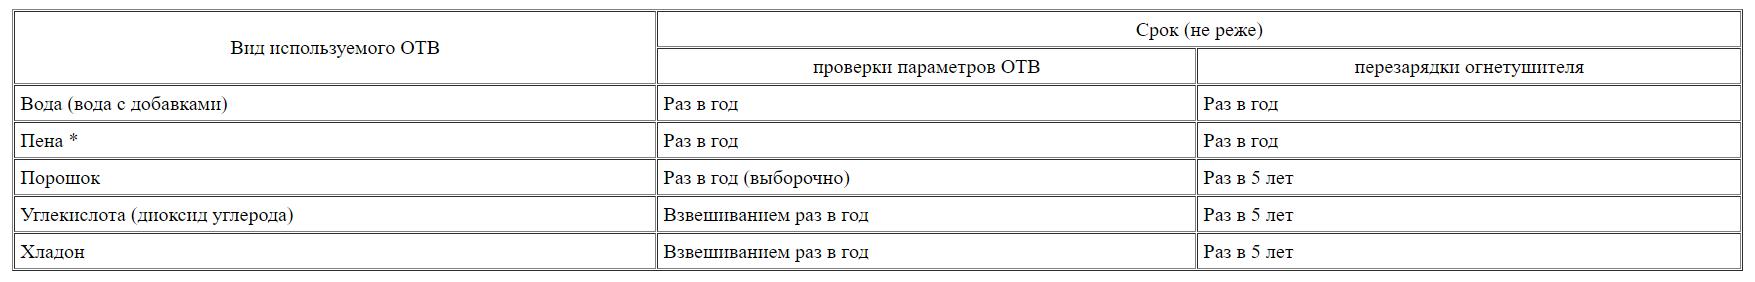 Сроки проверки параметров ОТВ и перезарядки огнетушителей